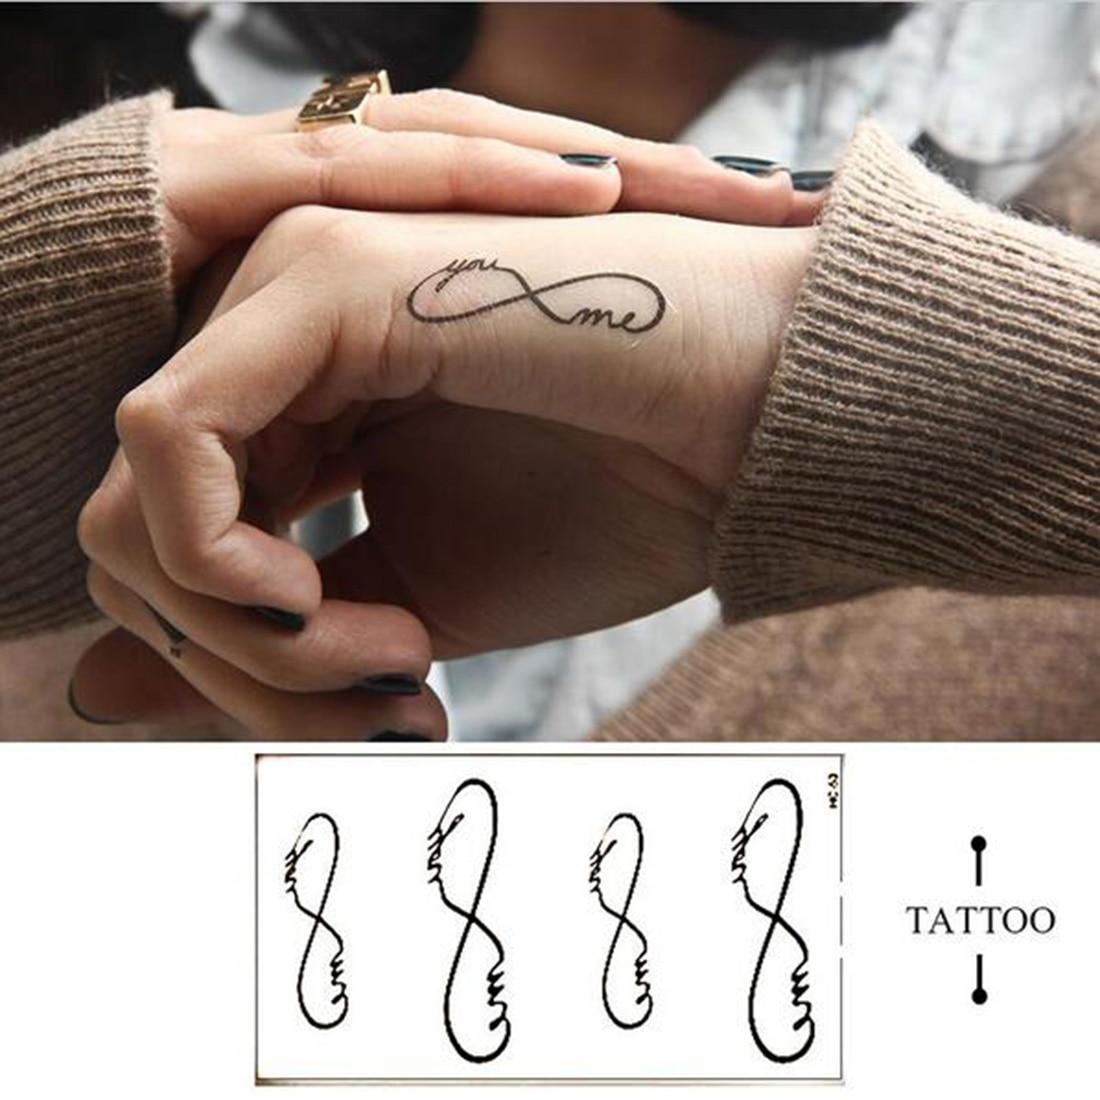 Tatuaje temporal a prueba de agua pegatina geométrica tatuaje de transferencia al agua tatuaje falso tatuaje Flash para Unisex